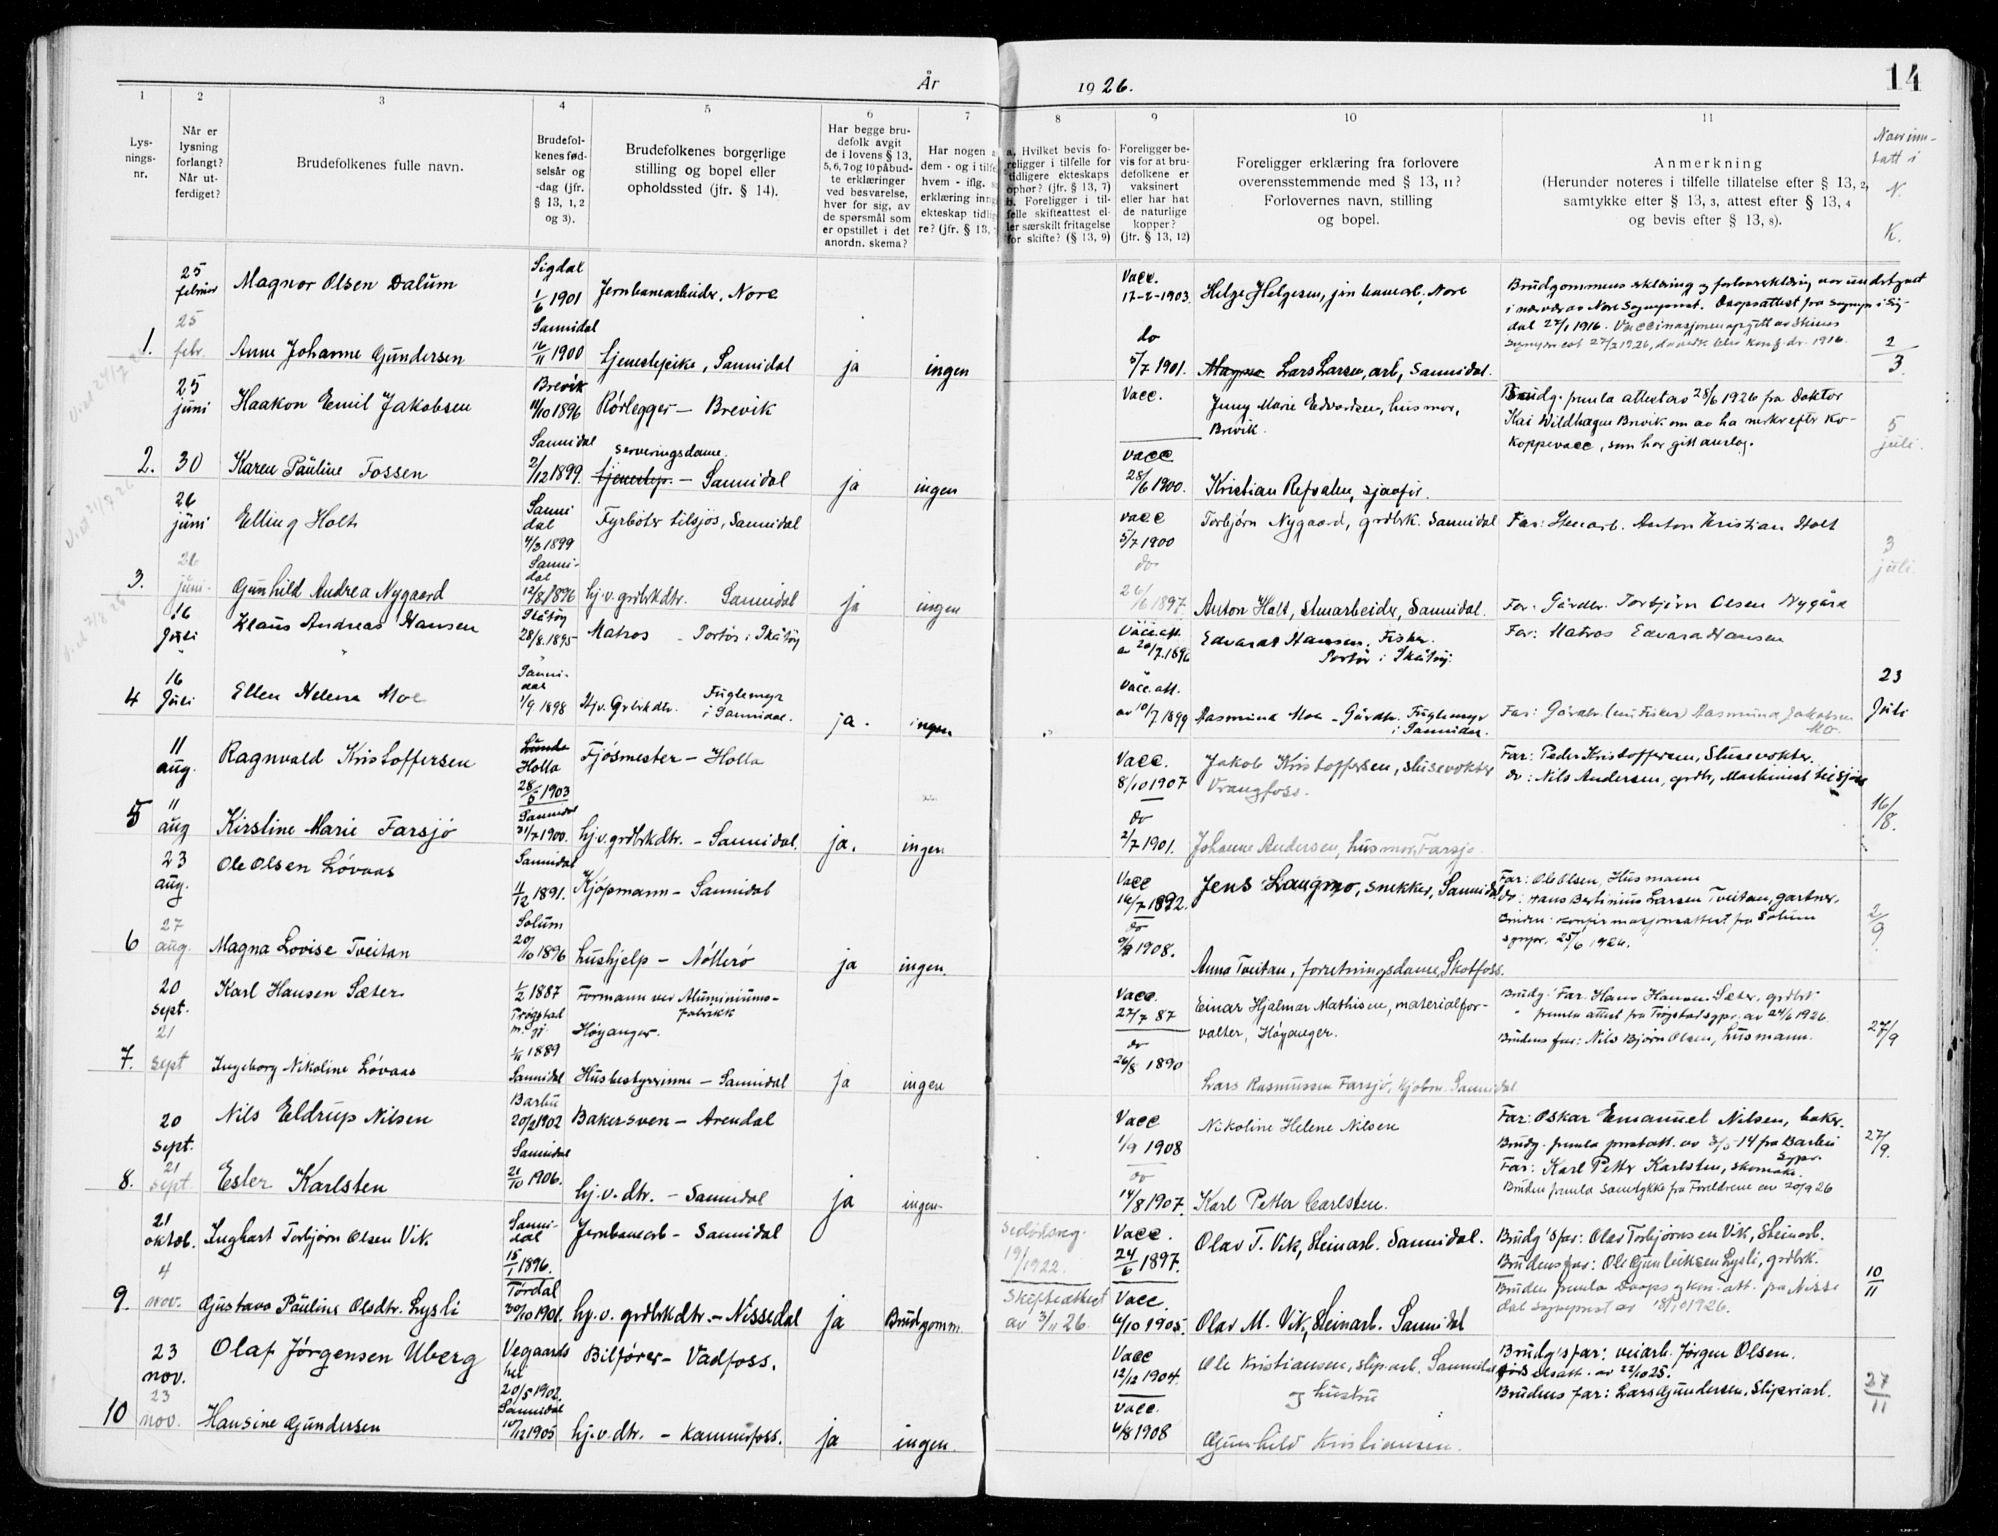 SAKO, Sannidal kirkebøker, H/Ha/L0002: Lysningsprotokoll nr. 2, 1919-1942, s. 14